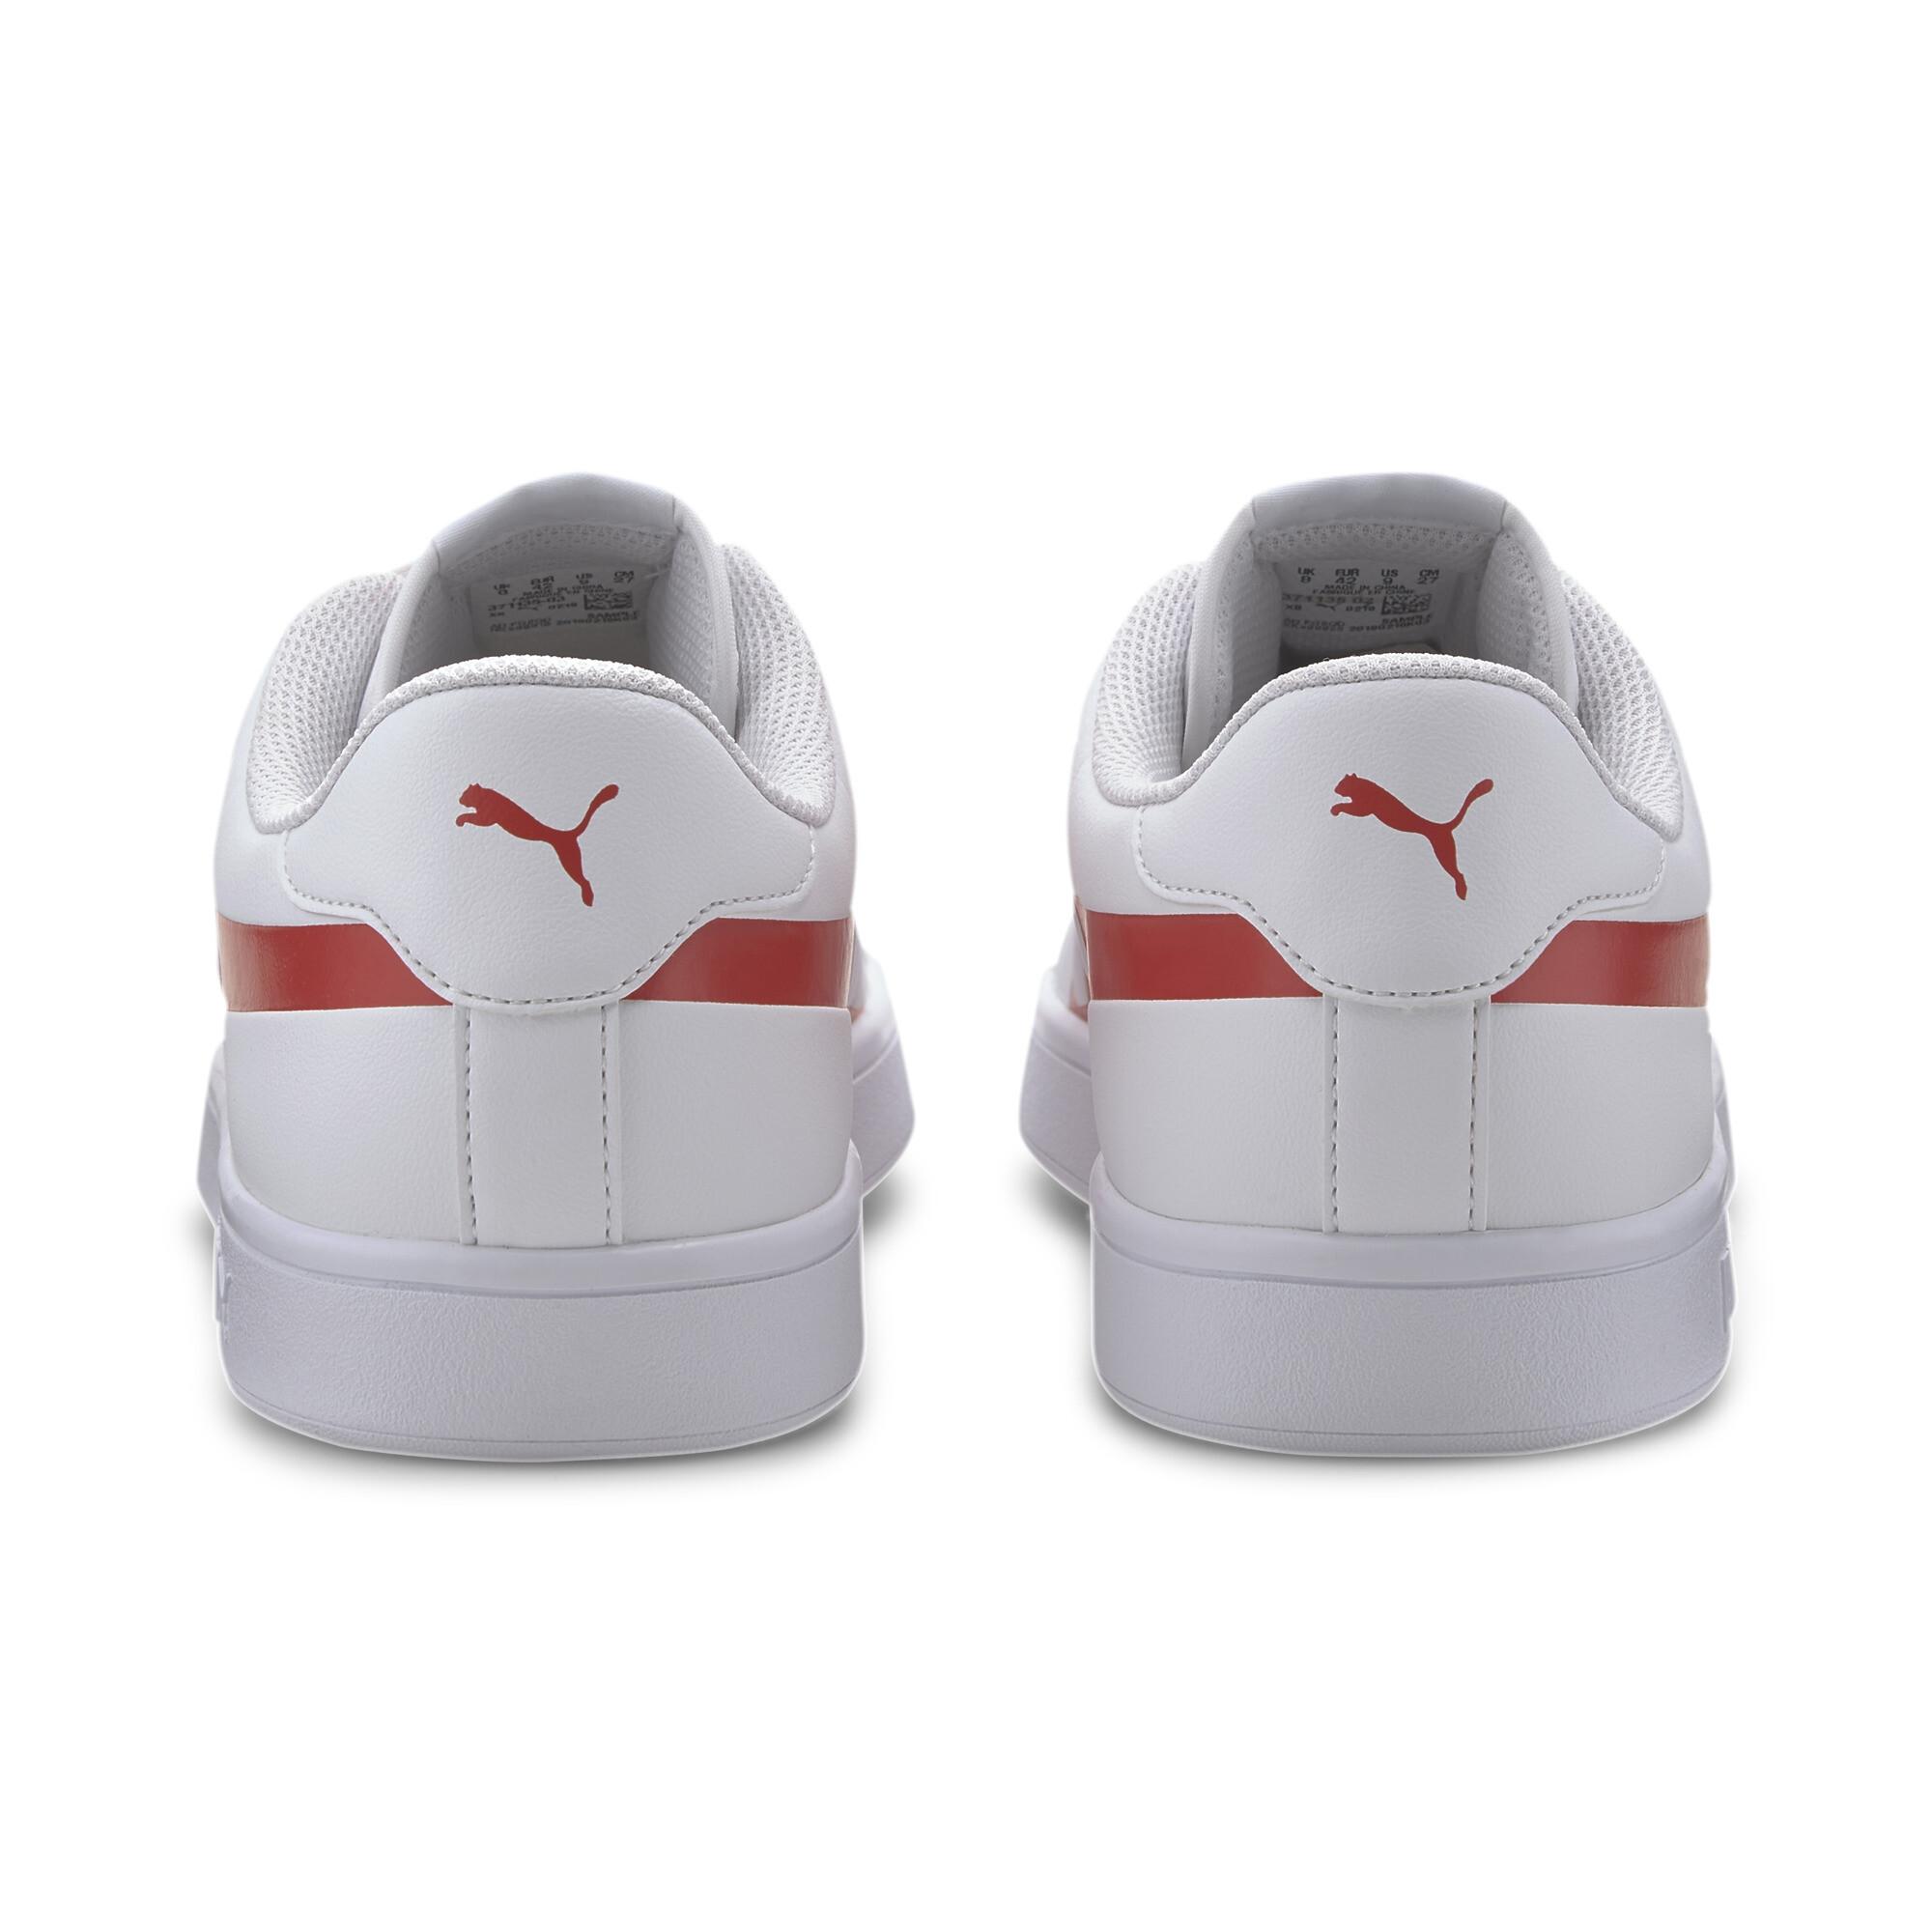 PUMA-PUMA-Smash-v2-Max-Sneakers-Men-Shoe-Basics thumbnail 18